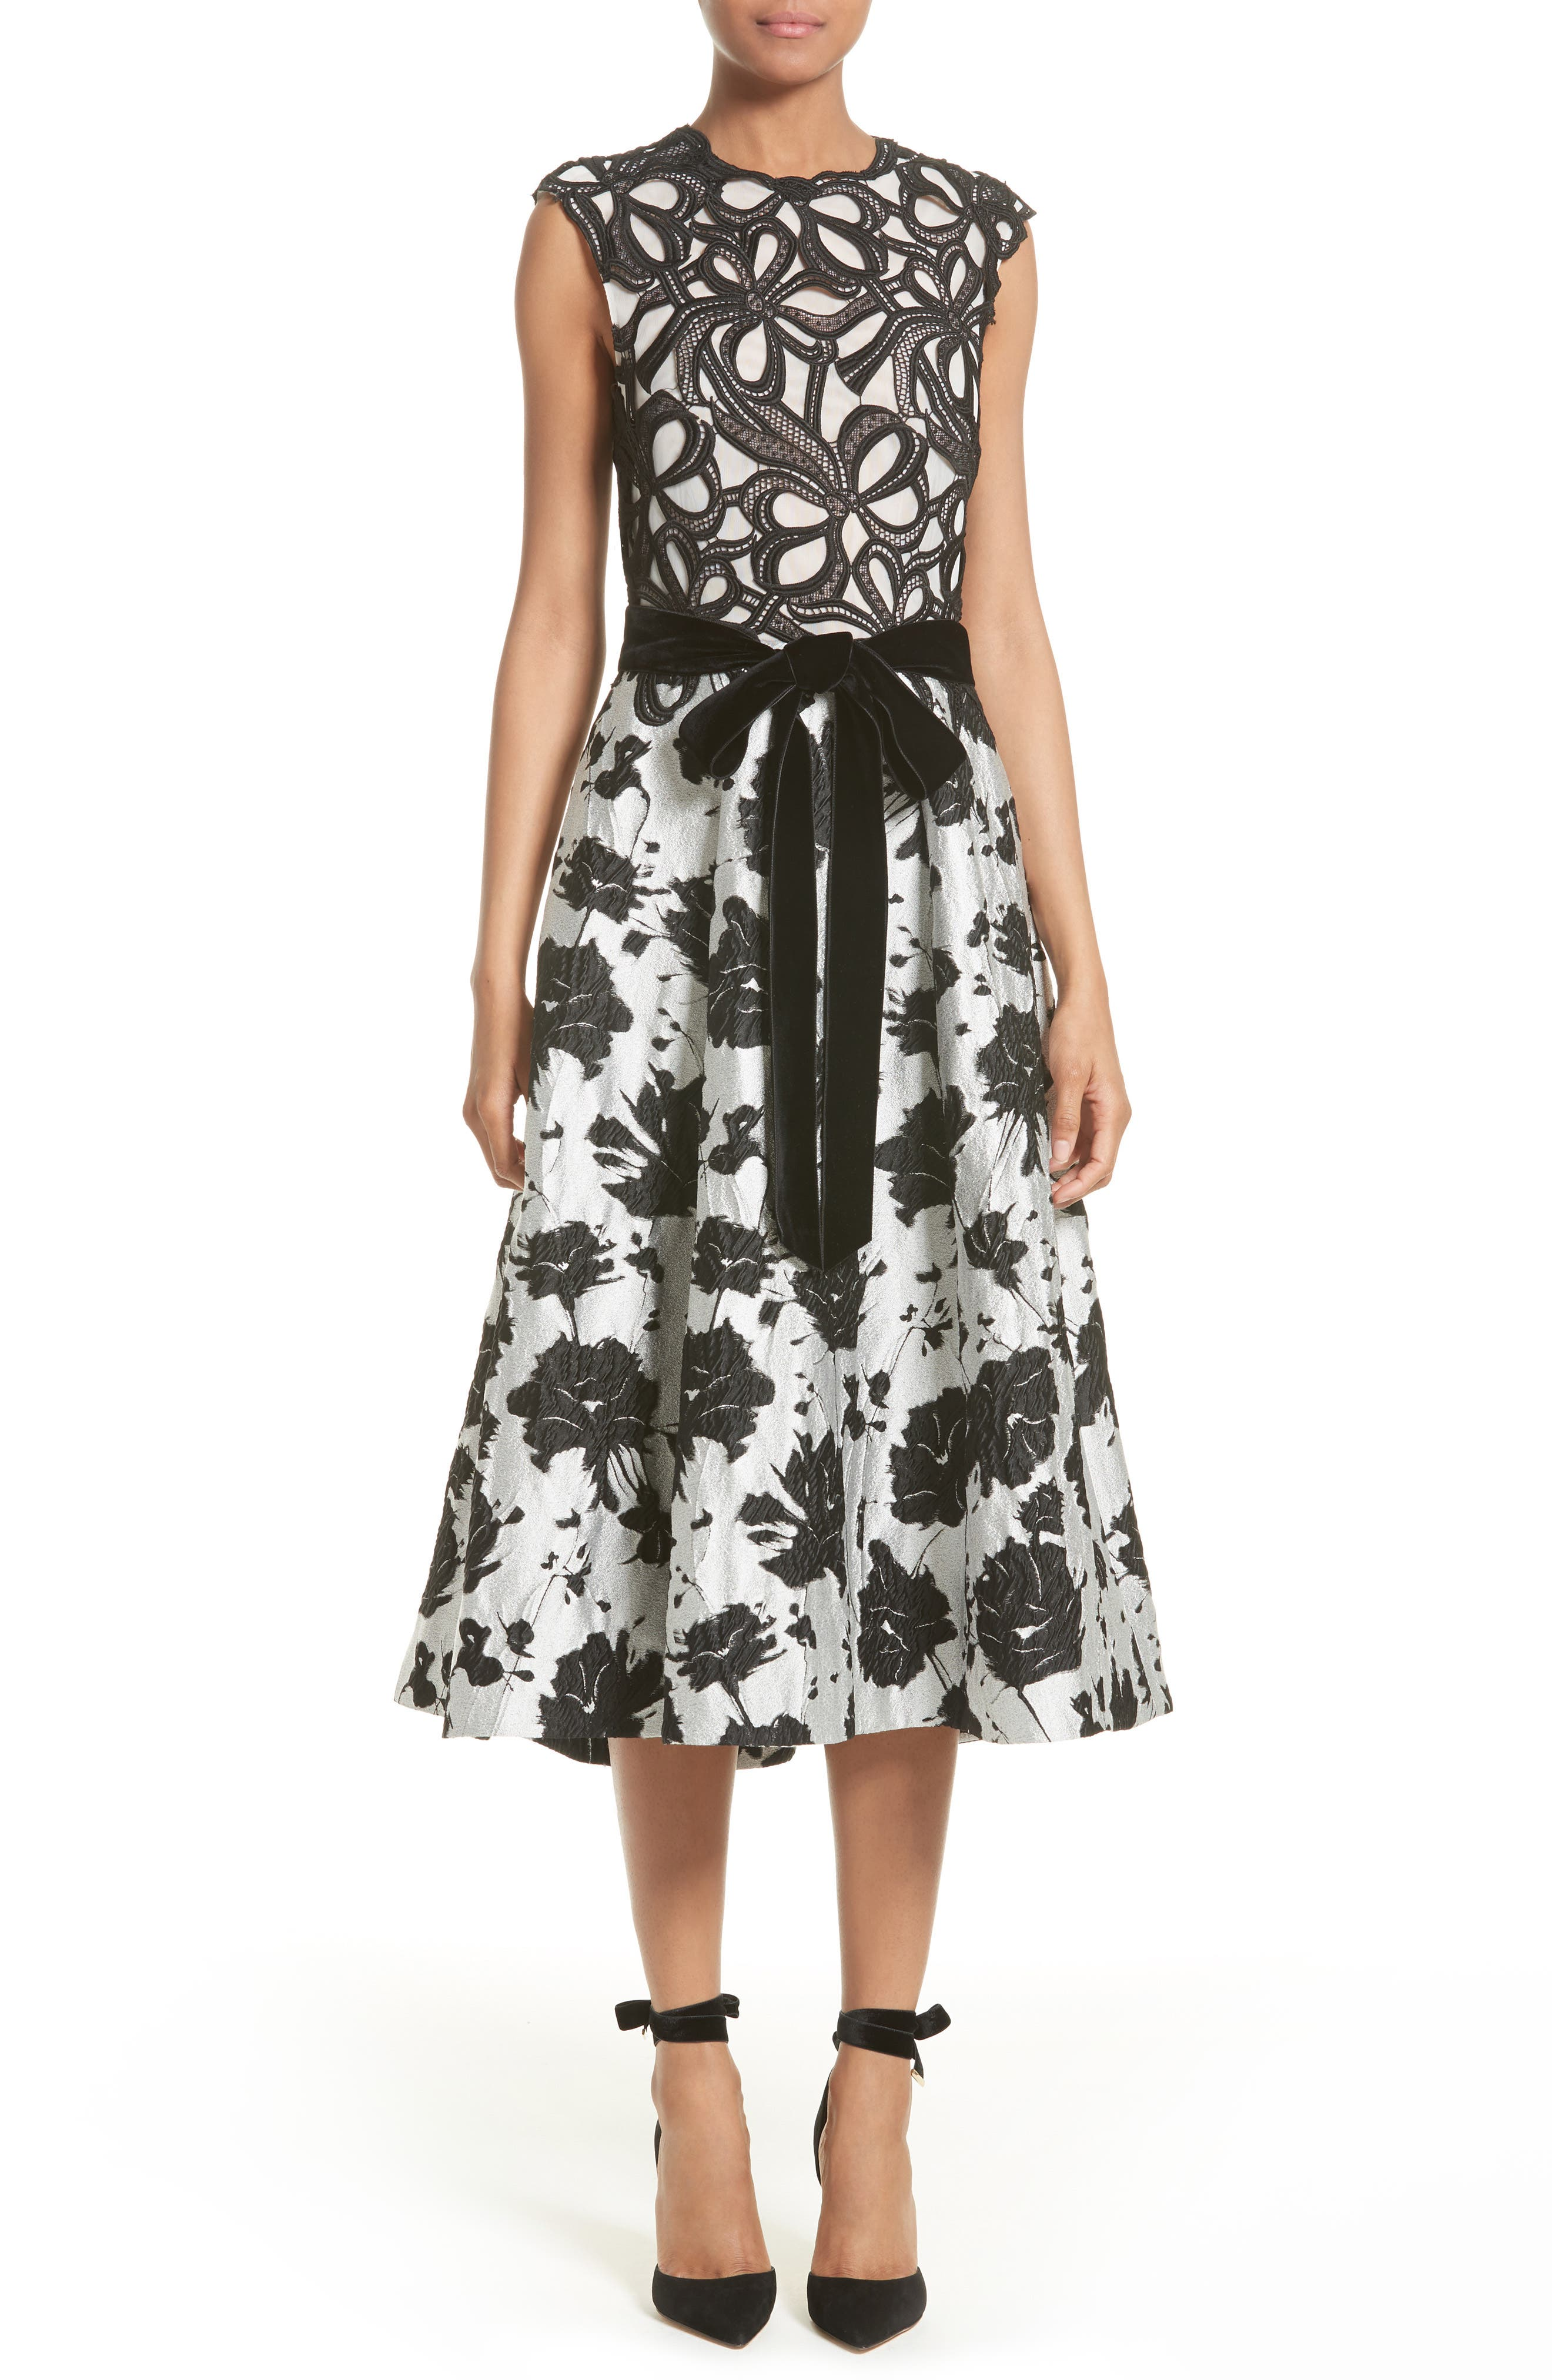 Monique Lhuillier Lace & Jacquard Tea Length Dress